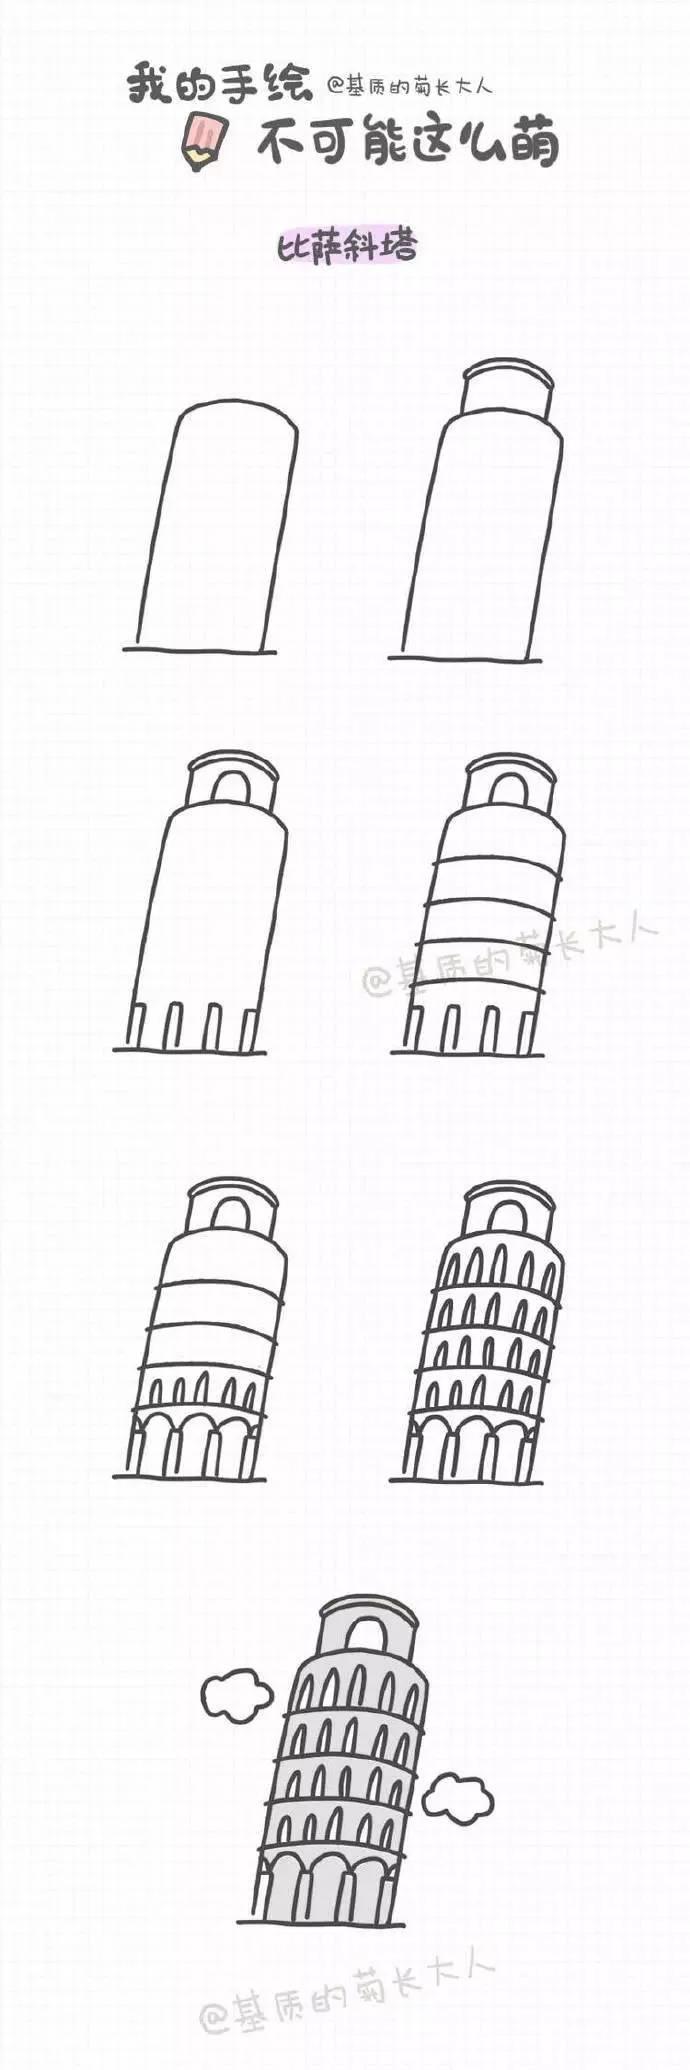 简笔画手账 | 手绘萌萌的世界名建筑,说不定哪天就去了呢,码起来!